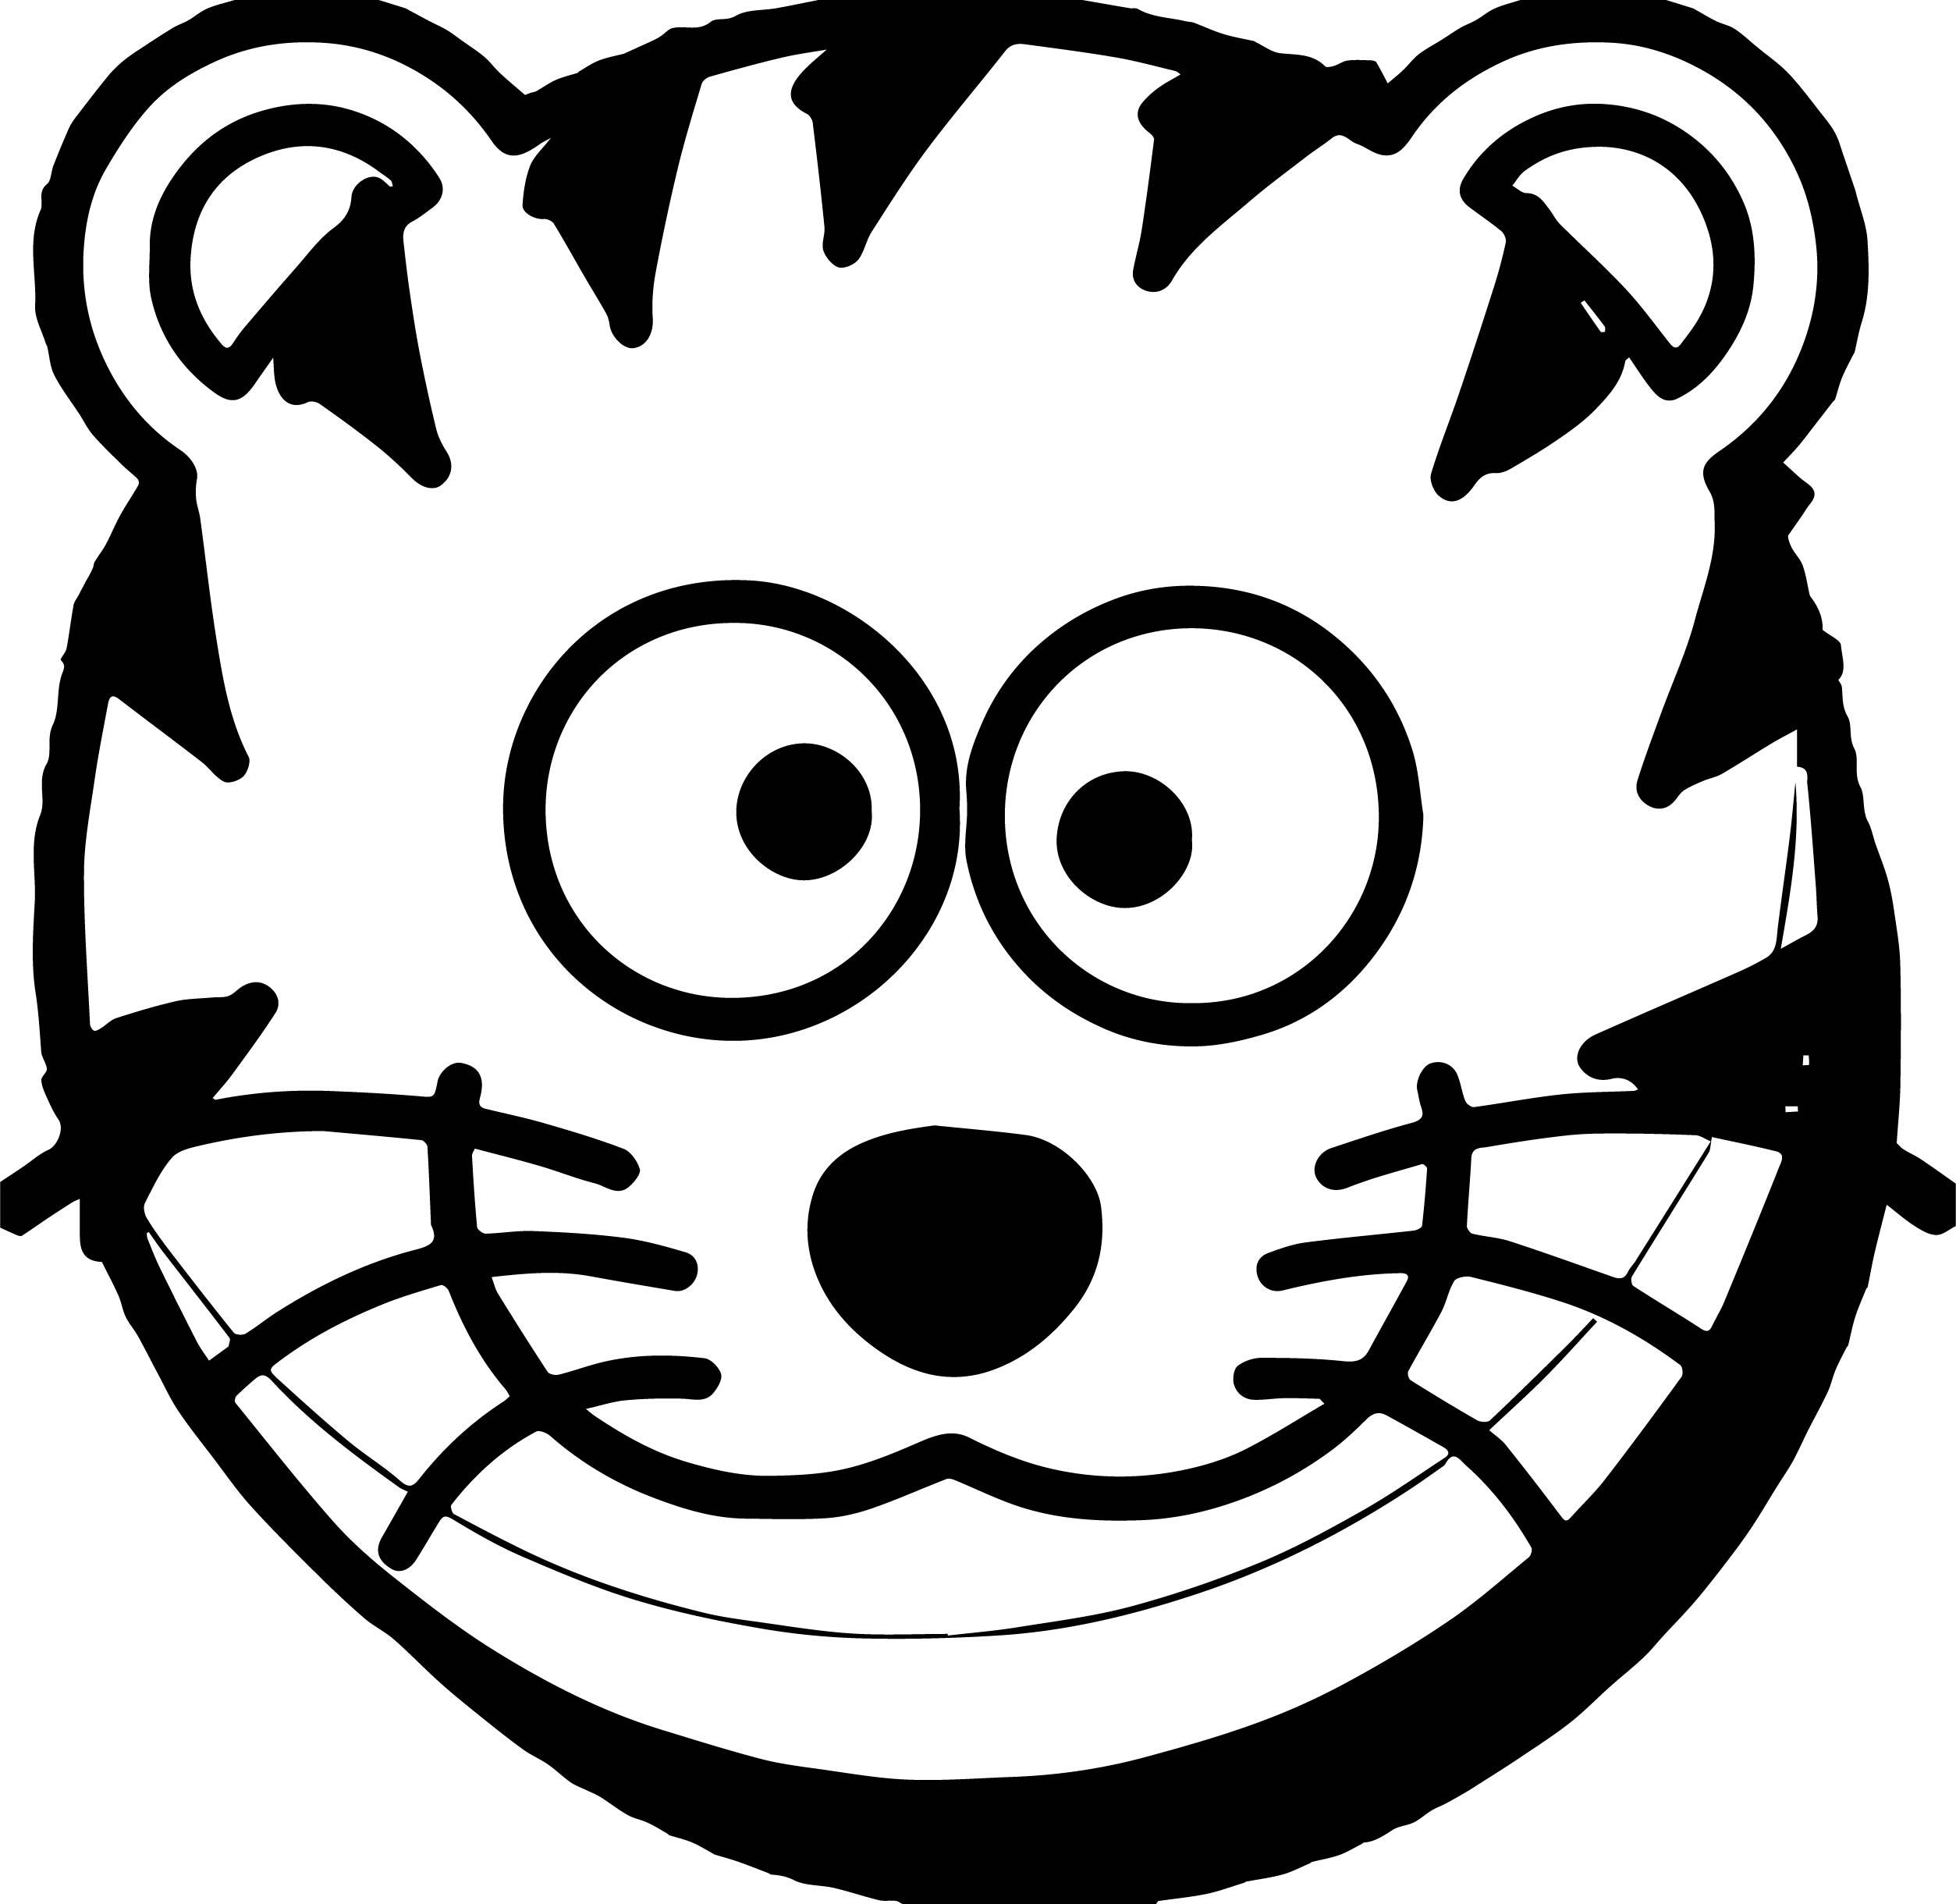 Uncategorized Cat Face Coloring Page cat face tiger coloring page wecoloringpage page